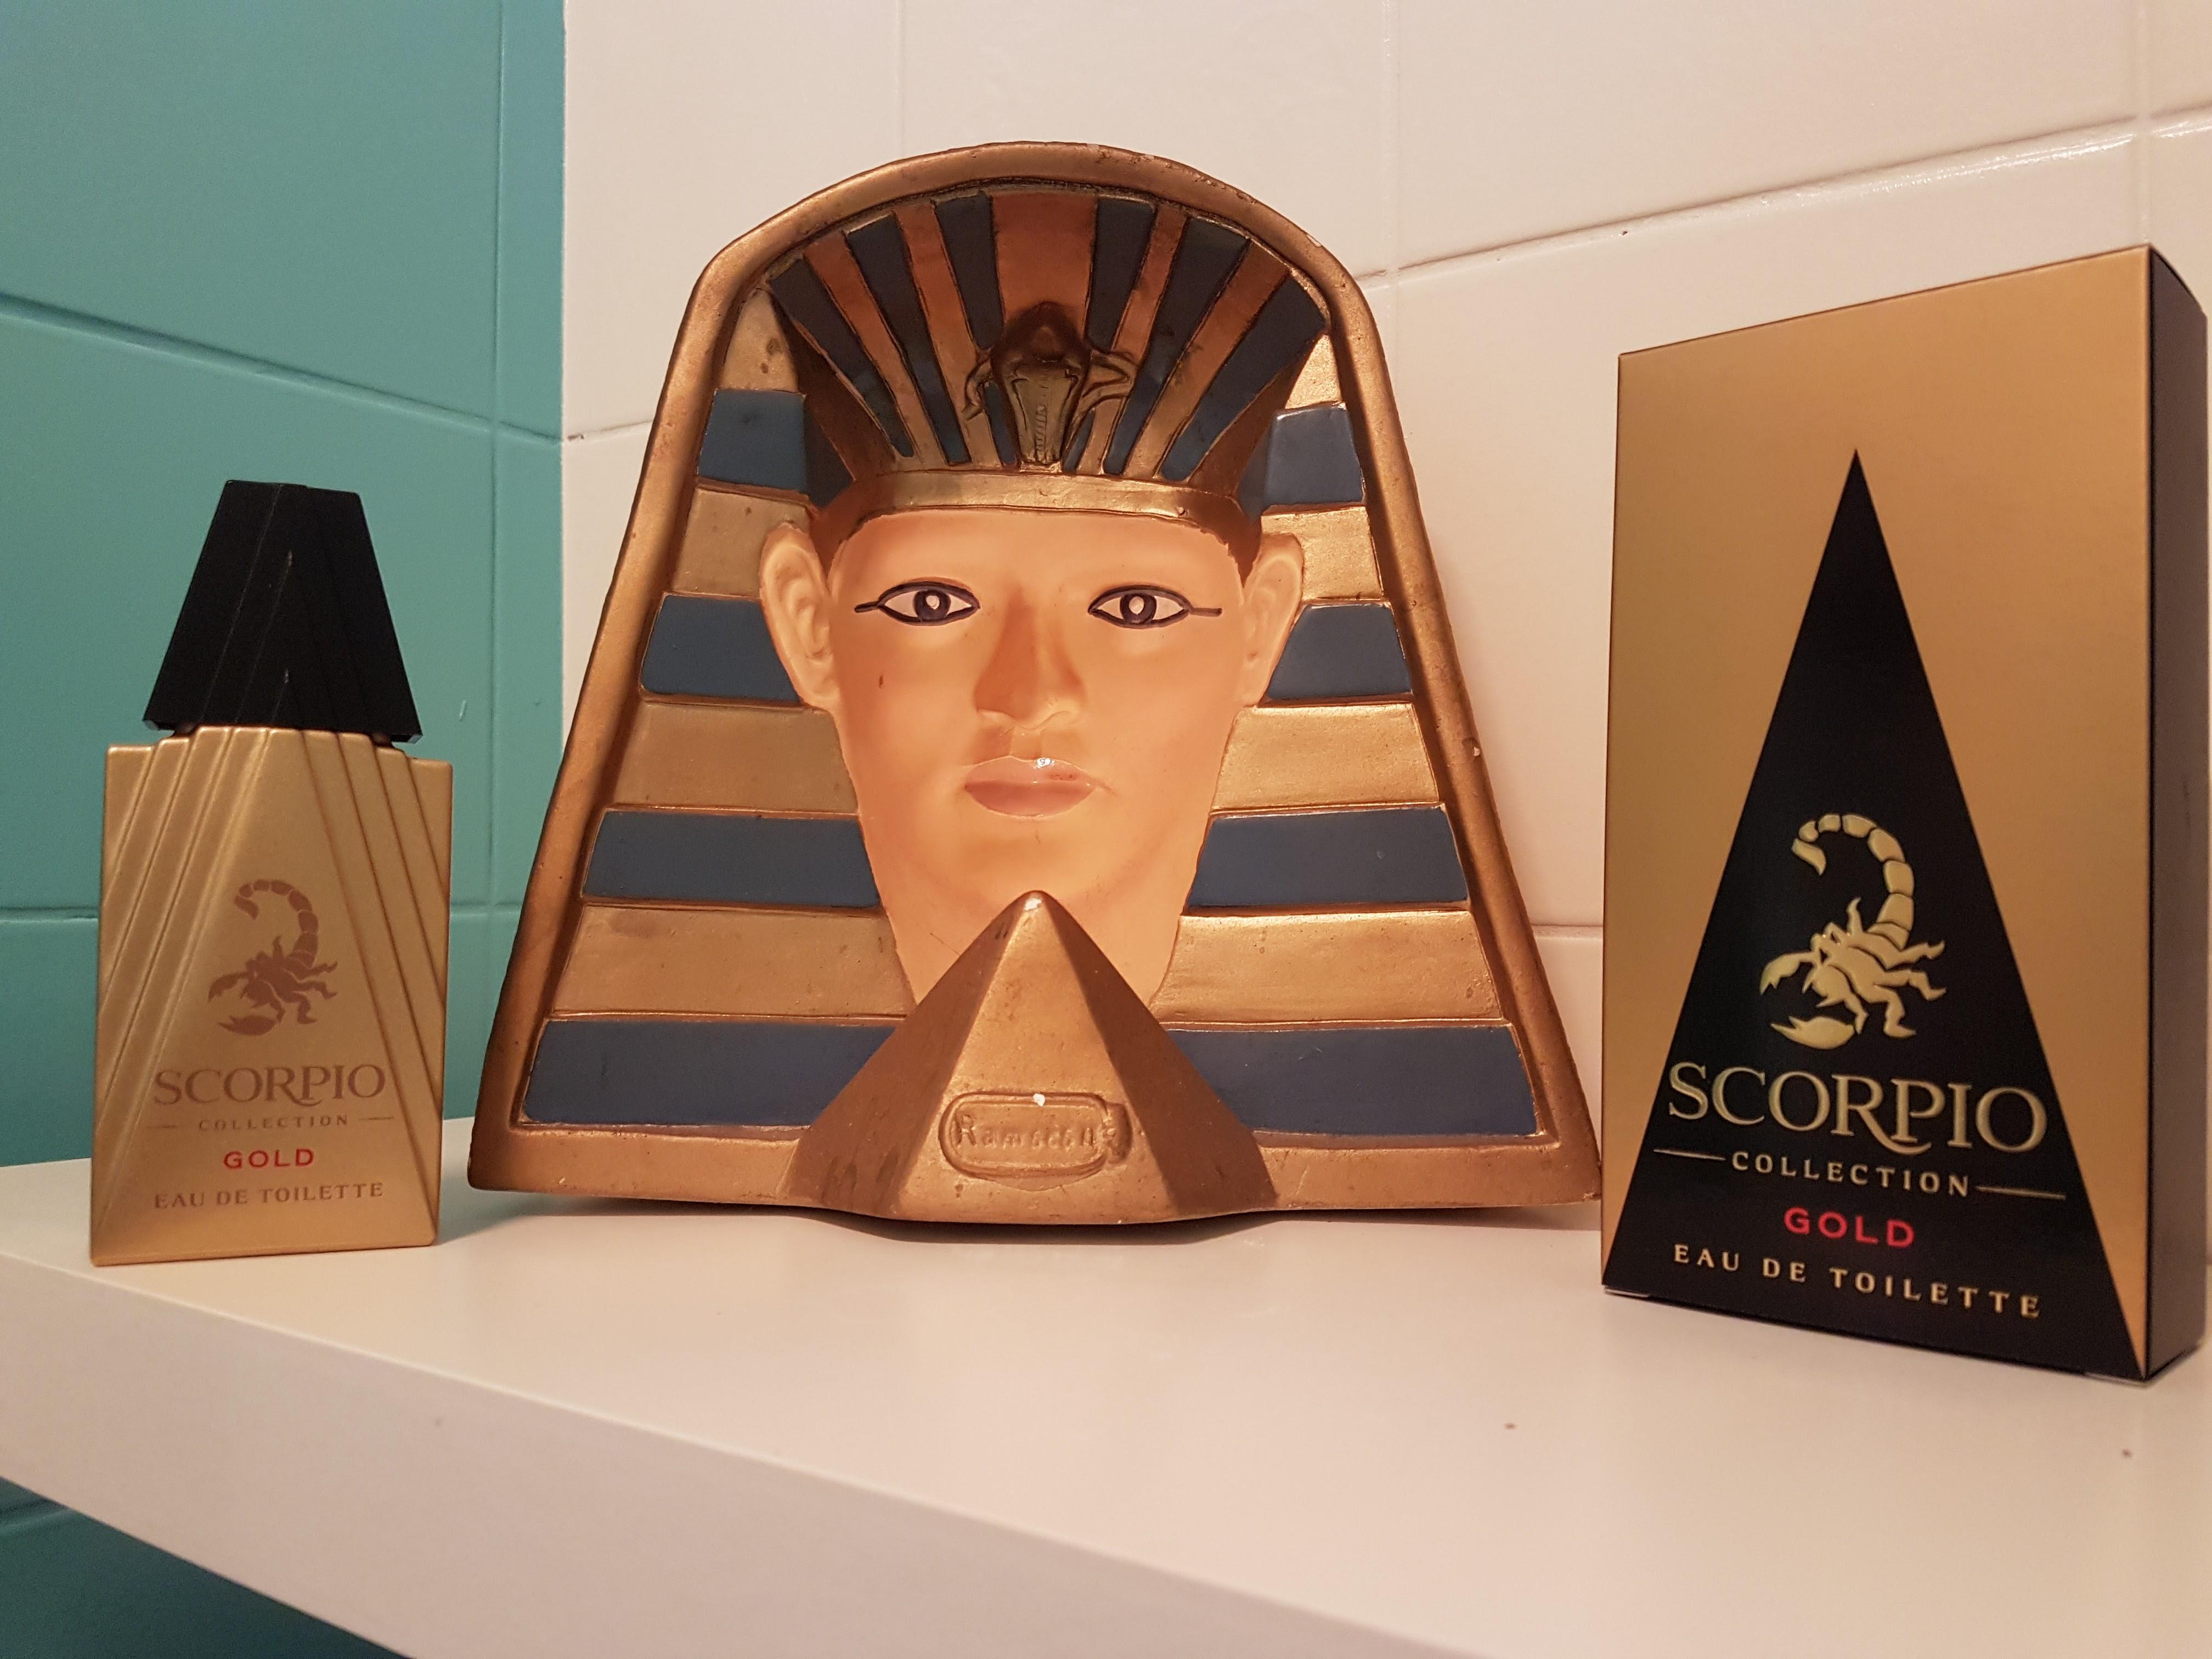 Scorpio-Collection-Gold - Scorpio-Collection-Gold-10.jpg